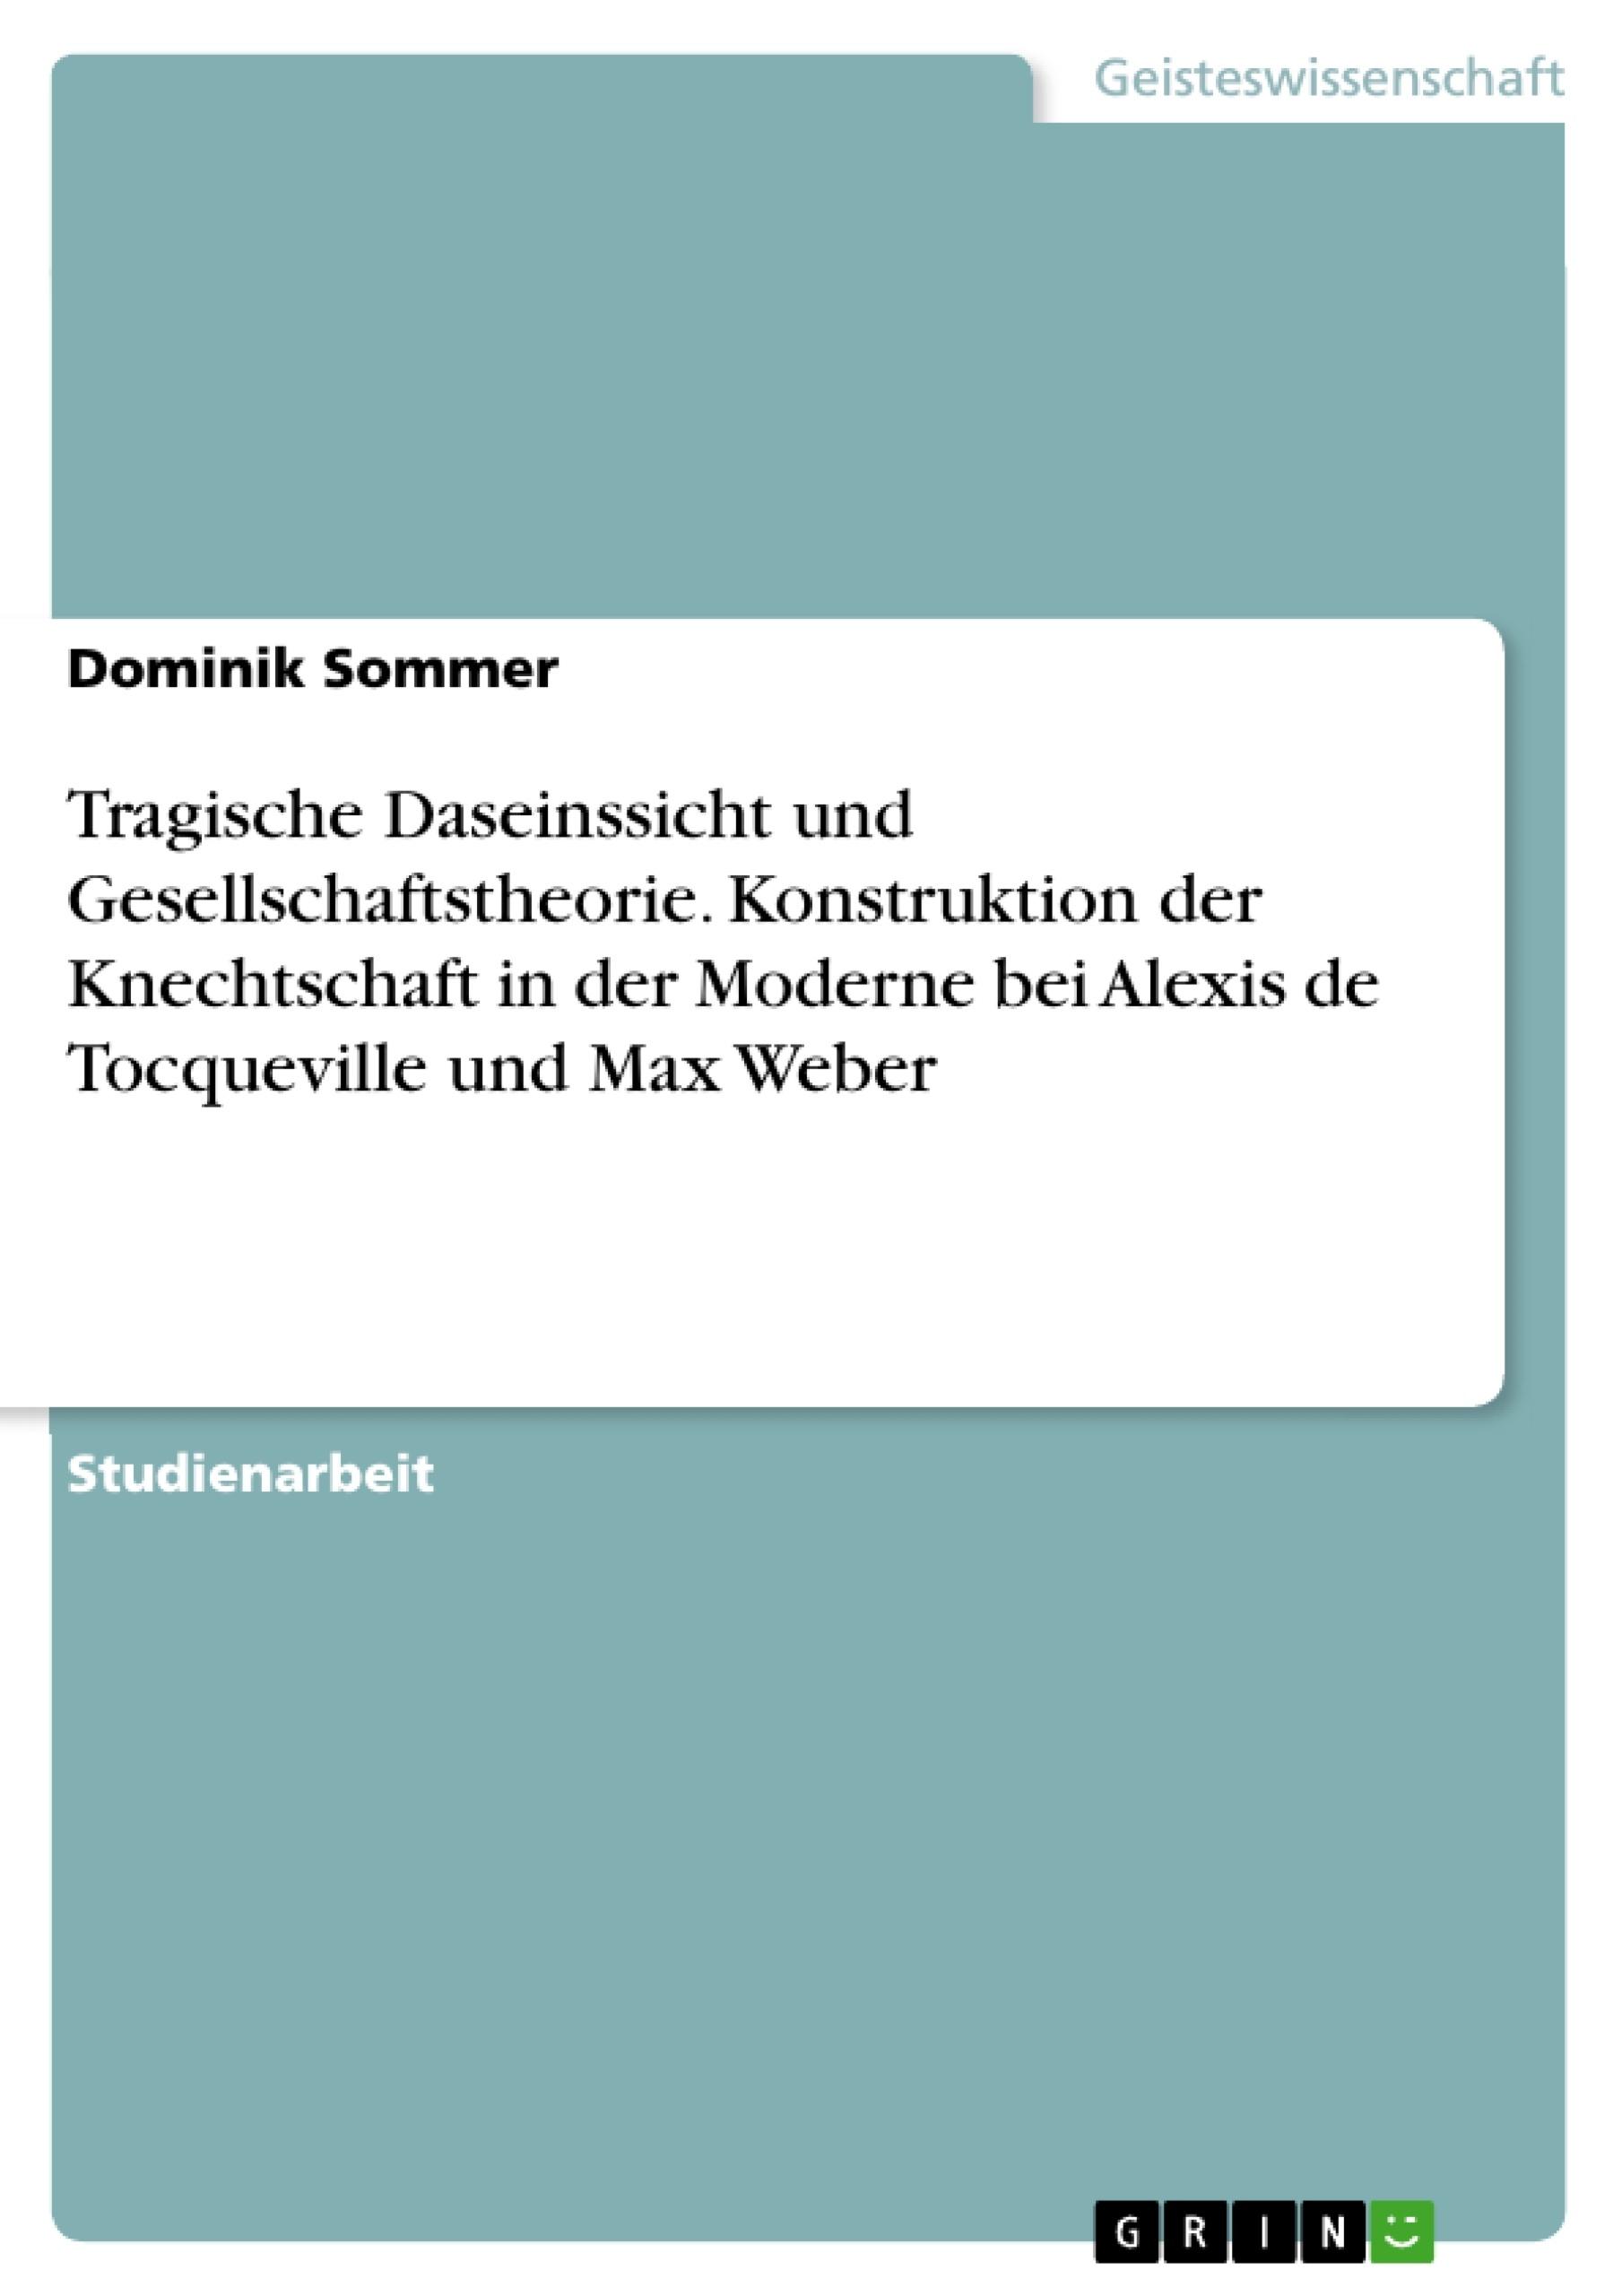 Titel: Tragische Daseinssicht und Gesellschaftstheorie. Konstruktion der Knechtschaft in der Moderne bei Alexis de Tocqueville und Max Weber